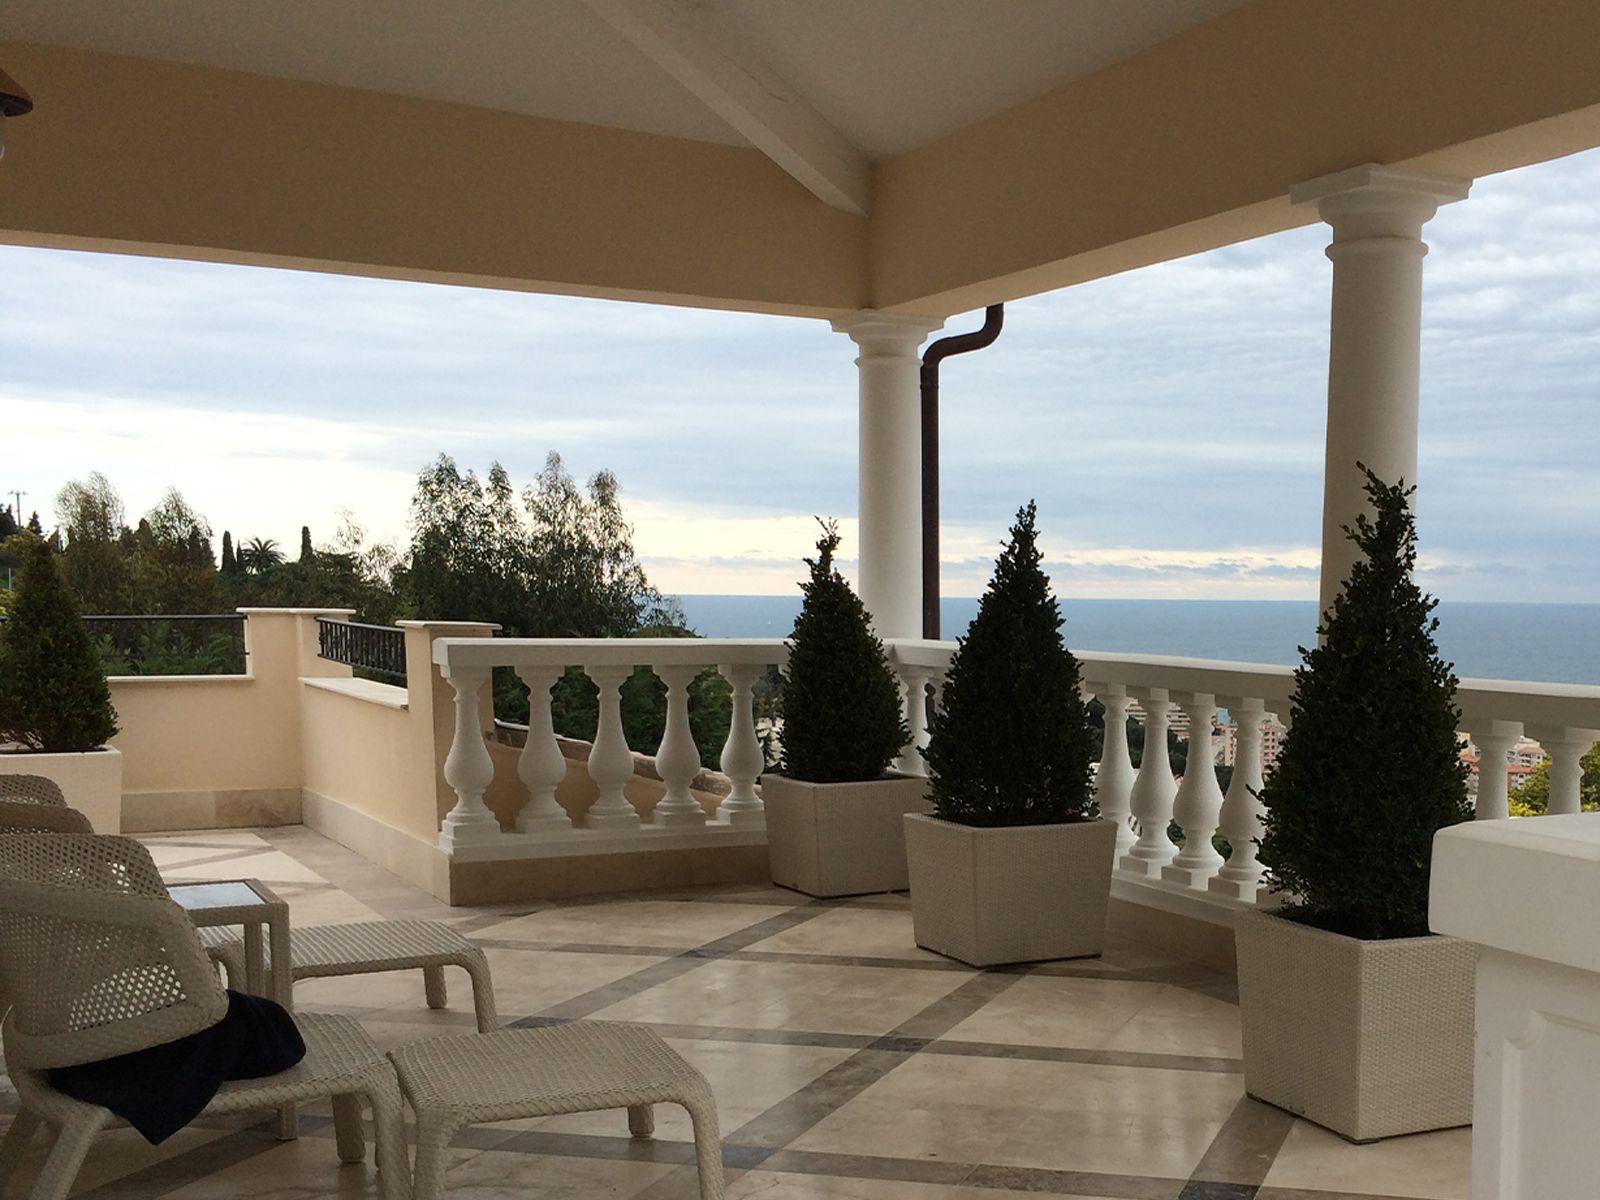 Terrazza di Villa a Cannes